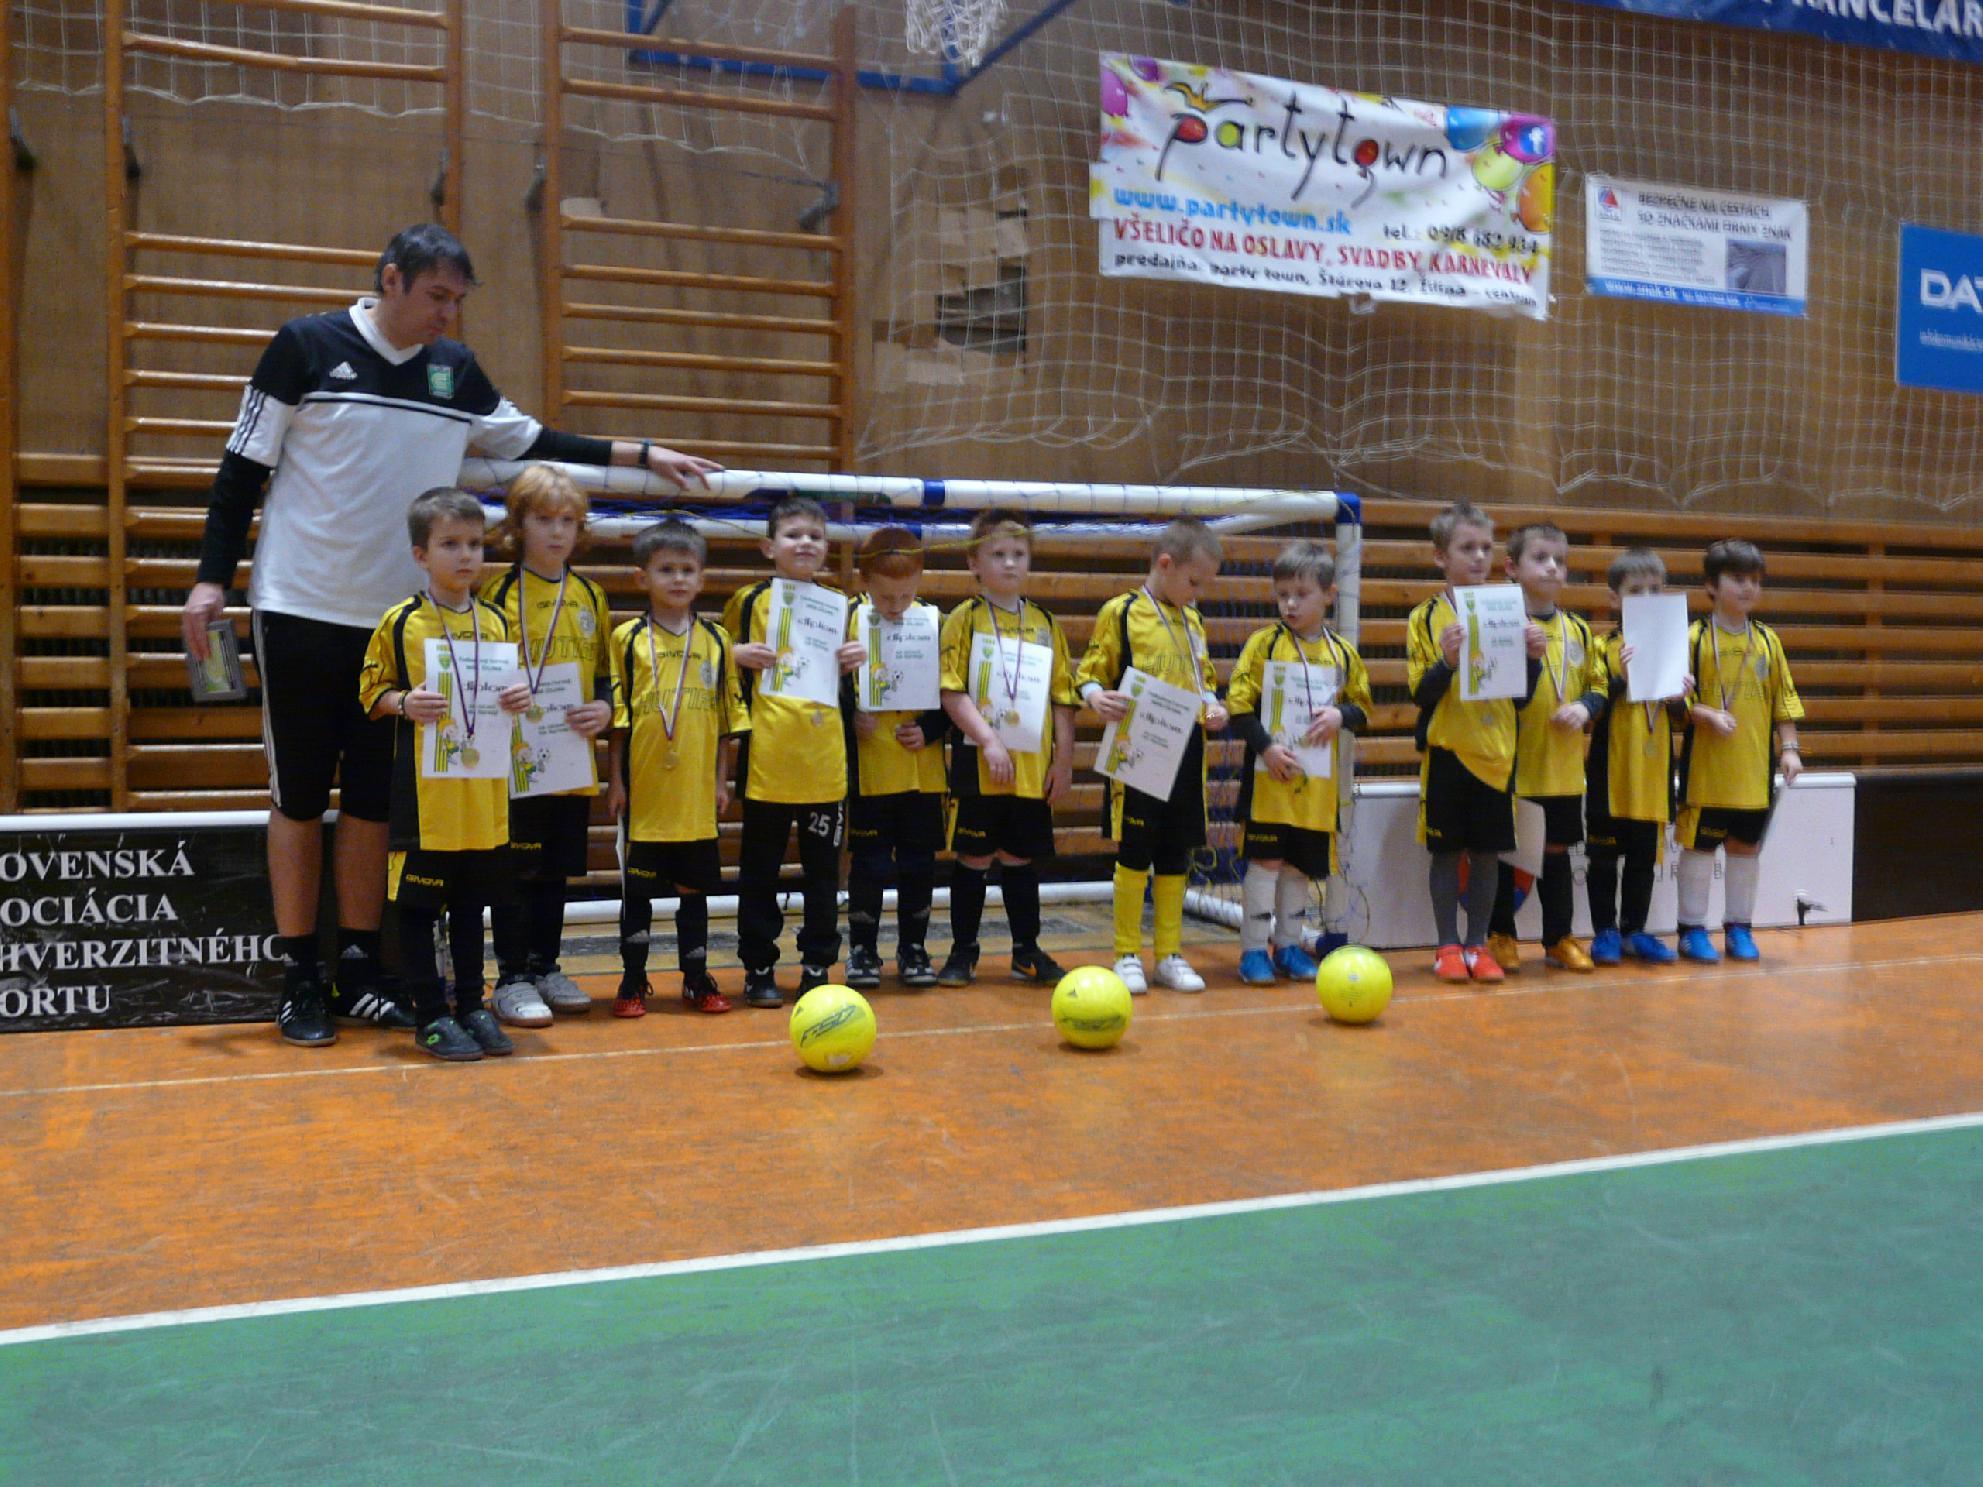 obr: Chlapci z U7 odohrali prvý turnaj v živote a hneď skončili zlatí!